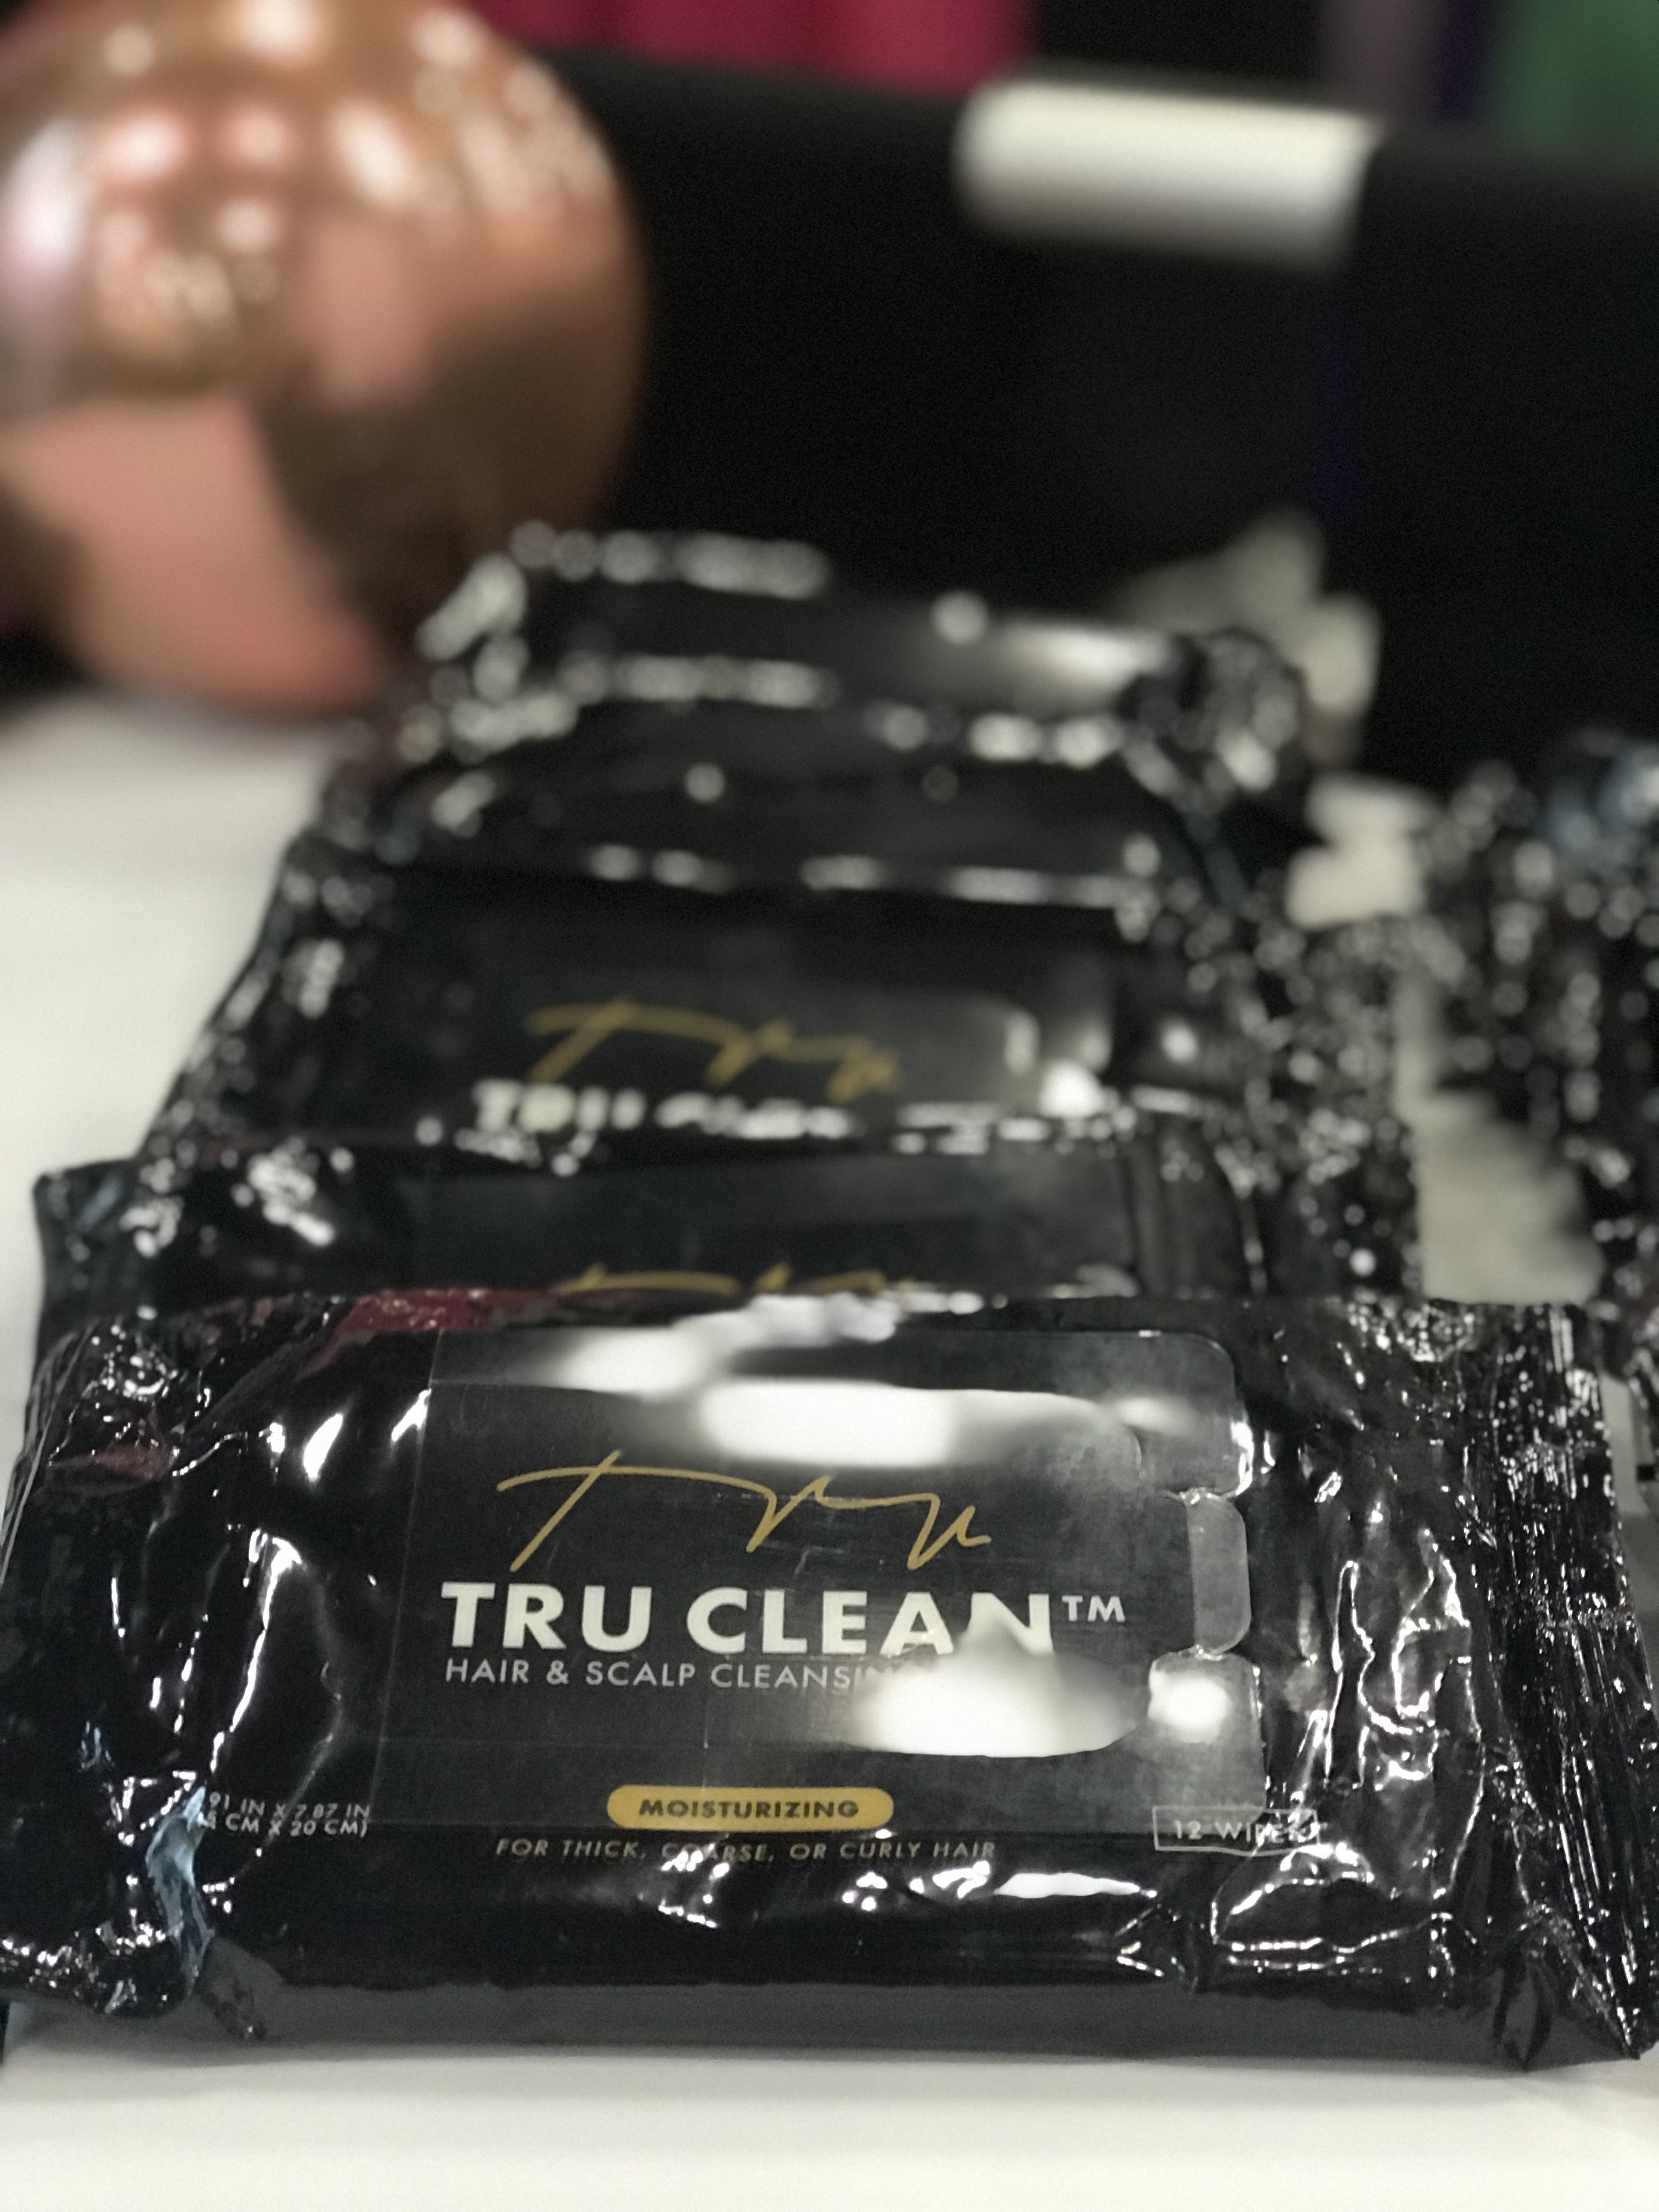 Pheelosophy - Tru Clean Cleansing Wipes Packaging Design